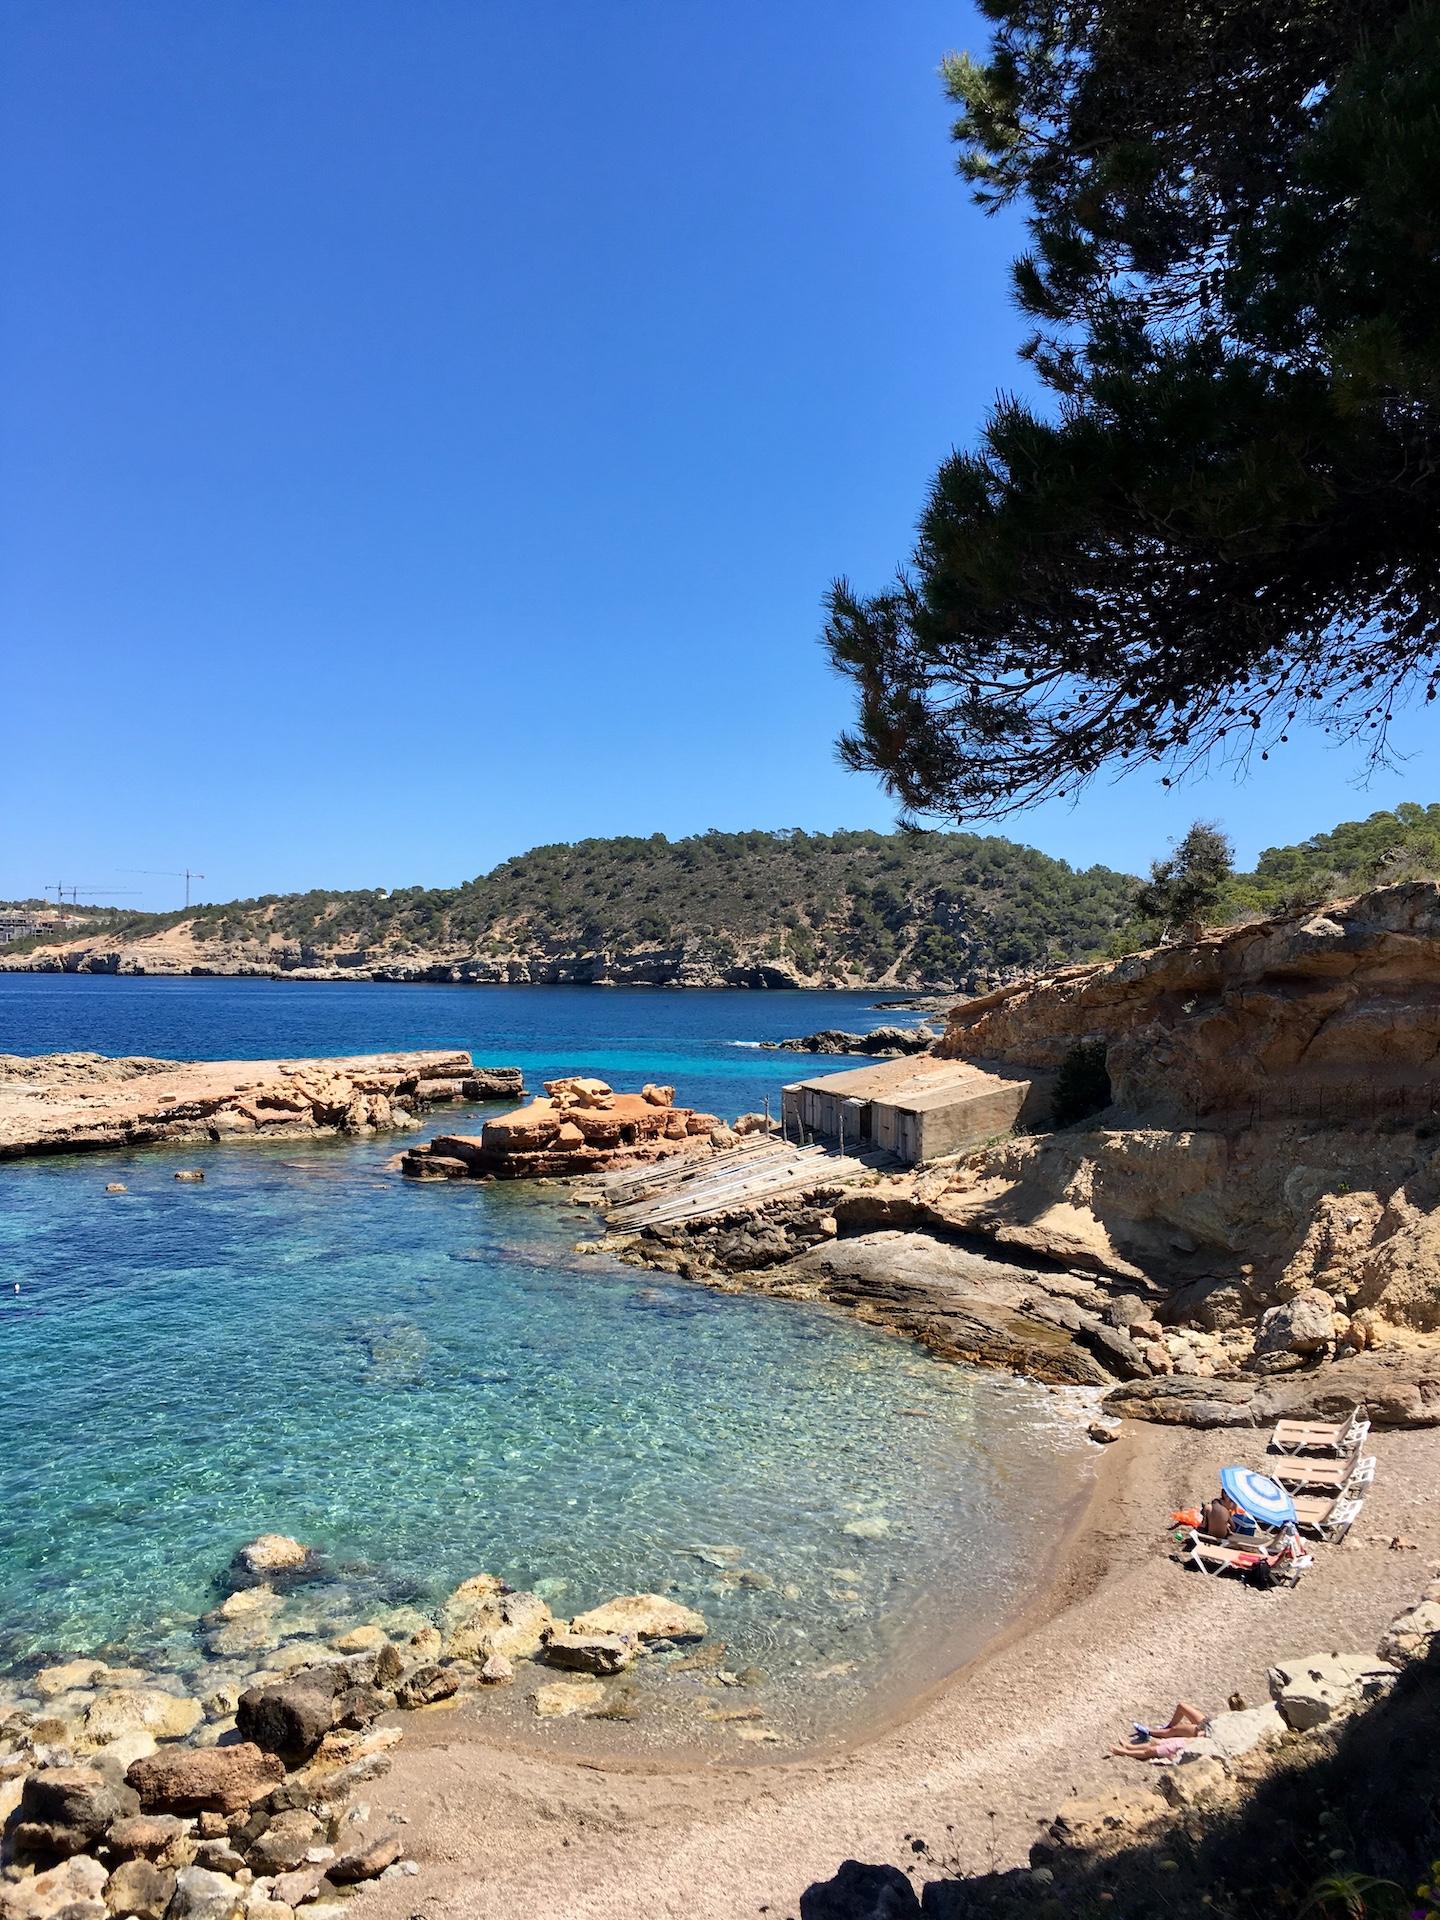 S'Illot des Rencli - wunderschöne Bucht in Ibizas Norden #Ibiza #Urlaub #Strand #Geheimtipp #Schnorcheln #Kajak #SUP